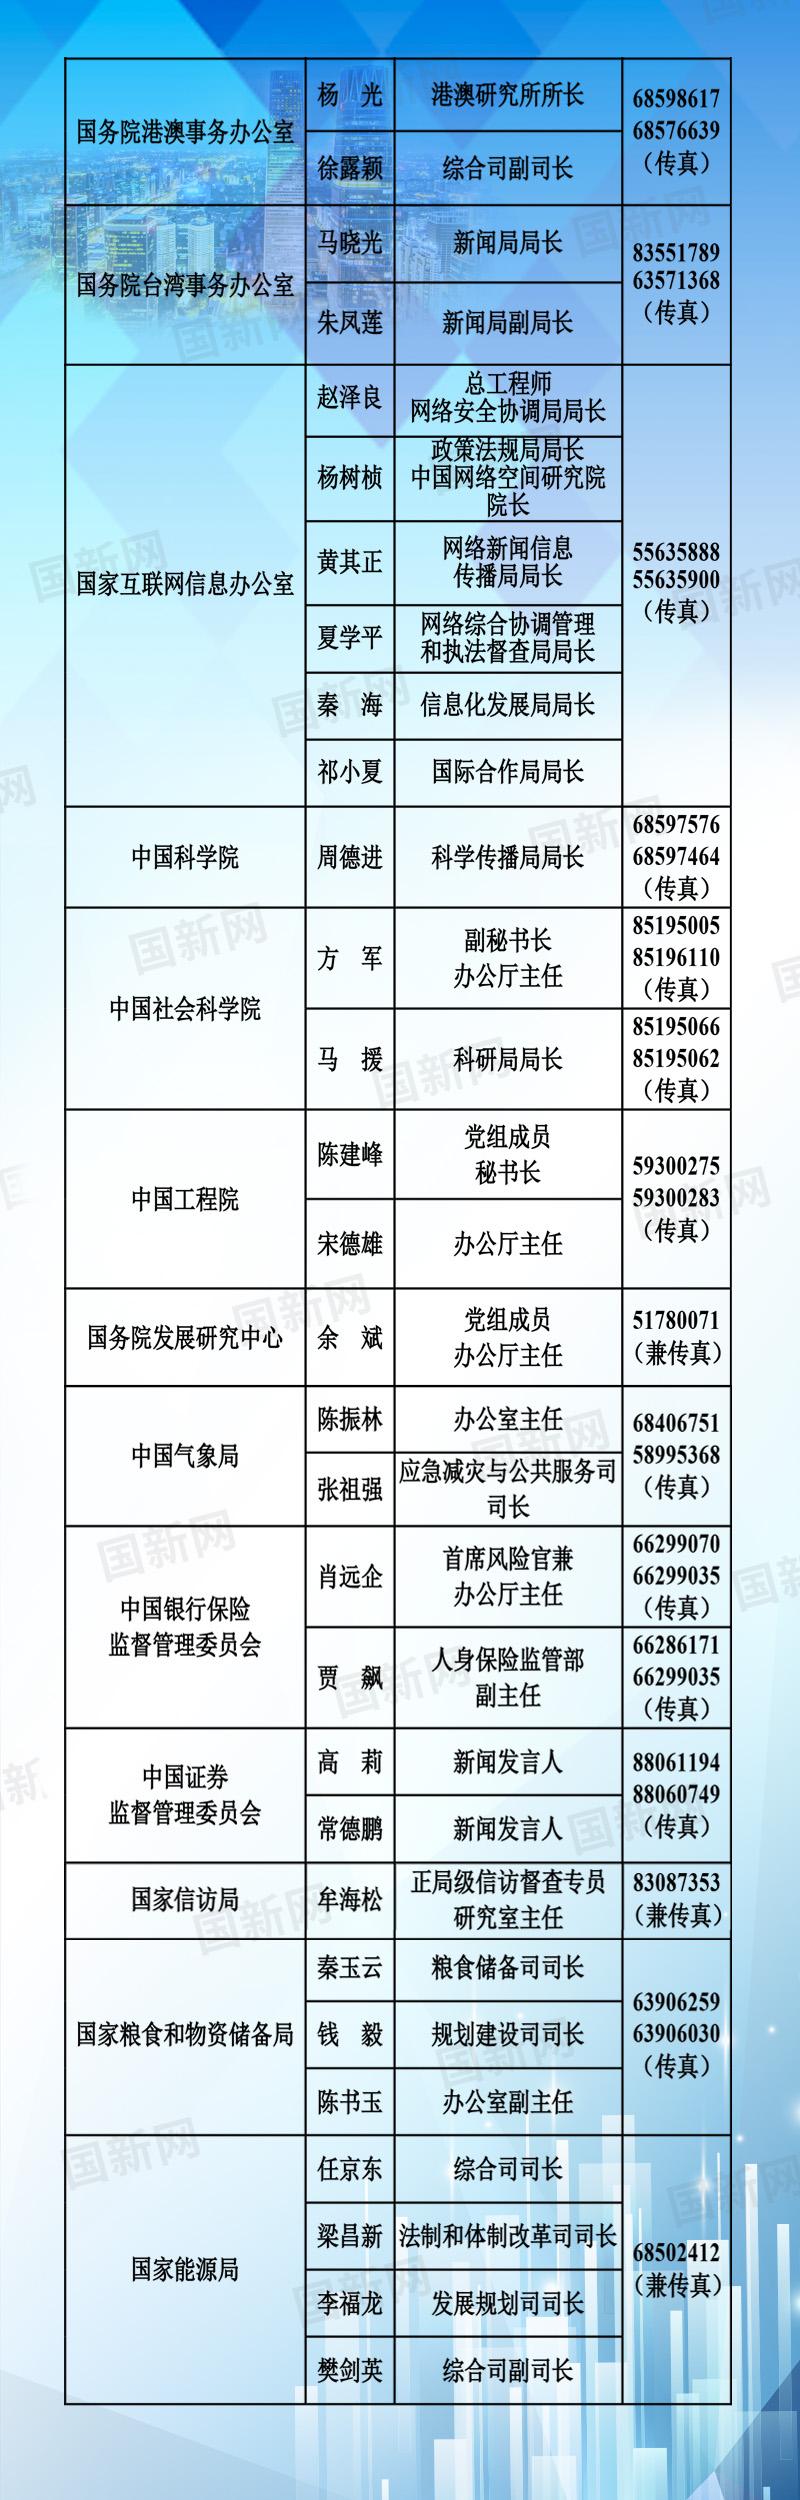 中央国家机关和地方2020年新闻发言人名录